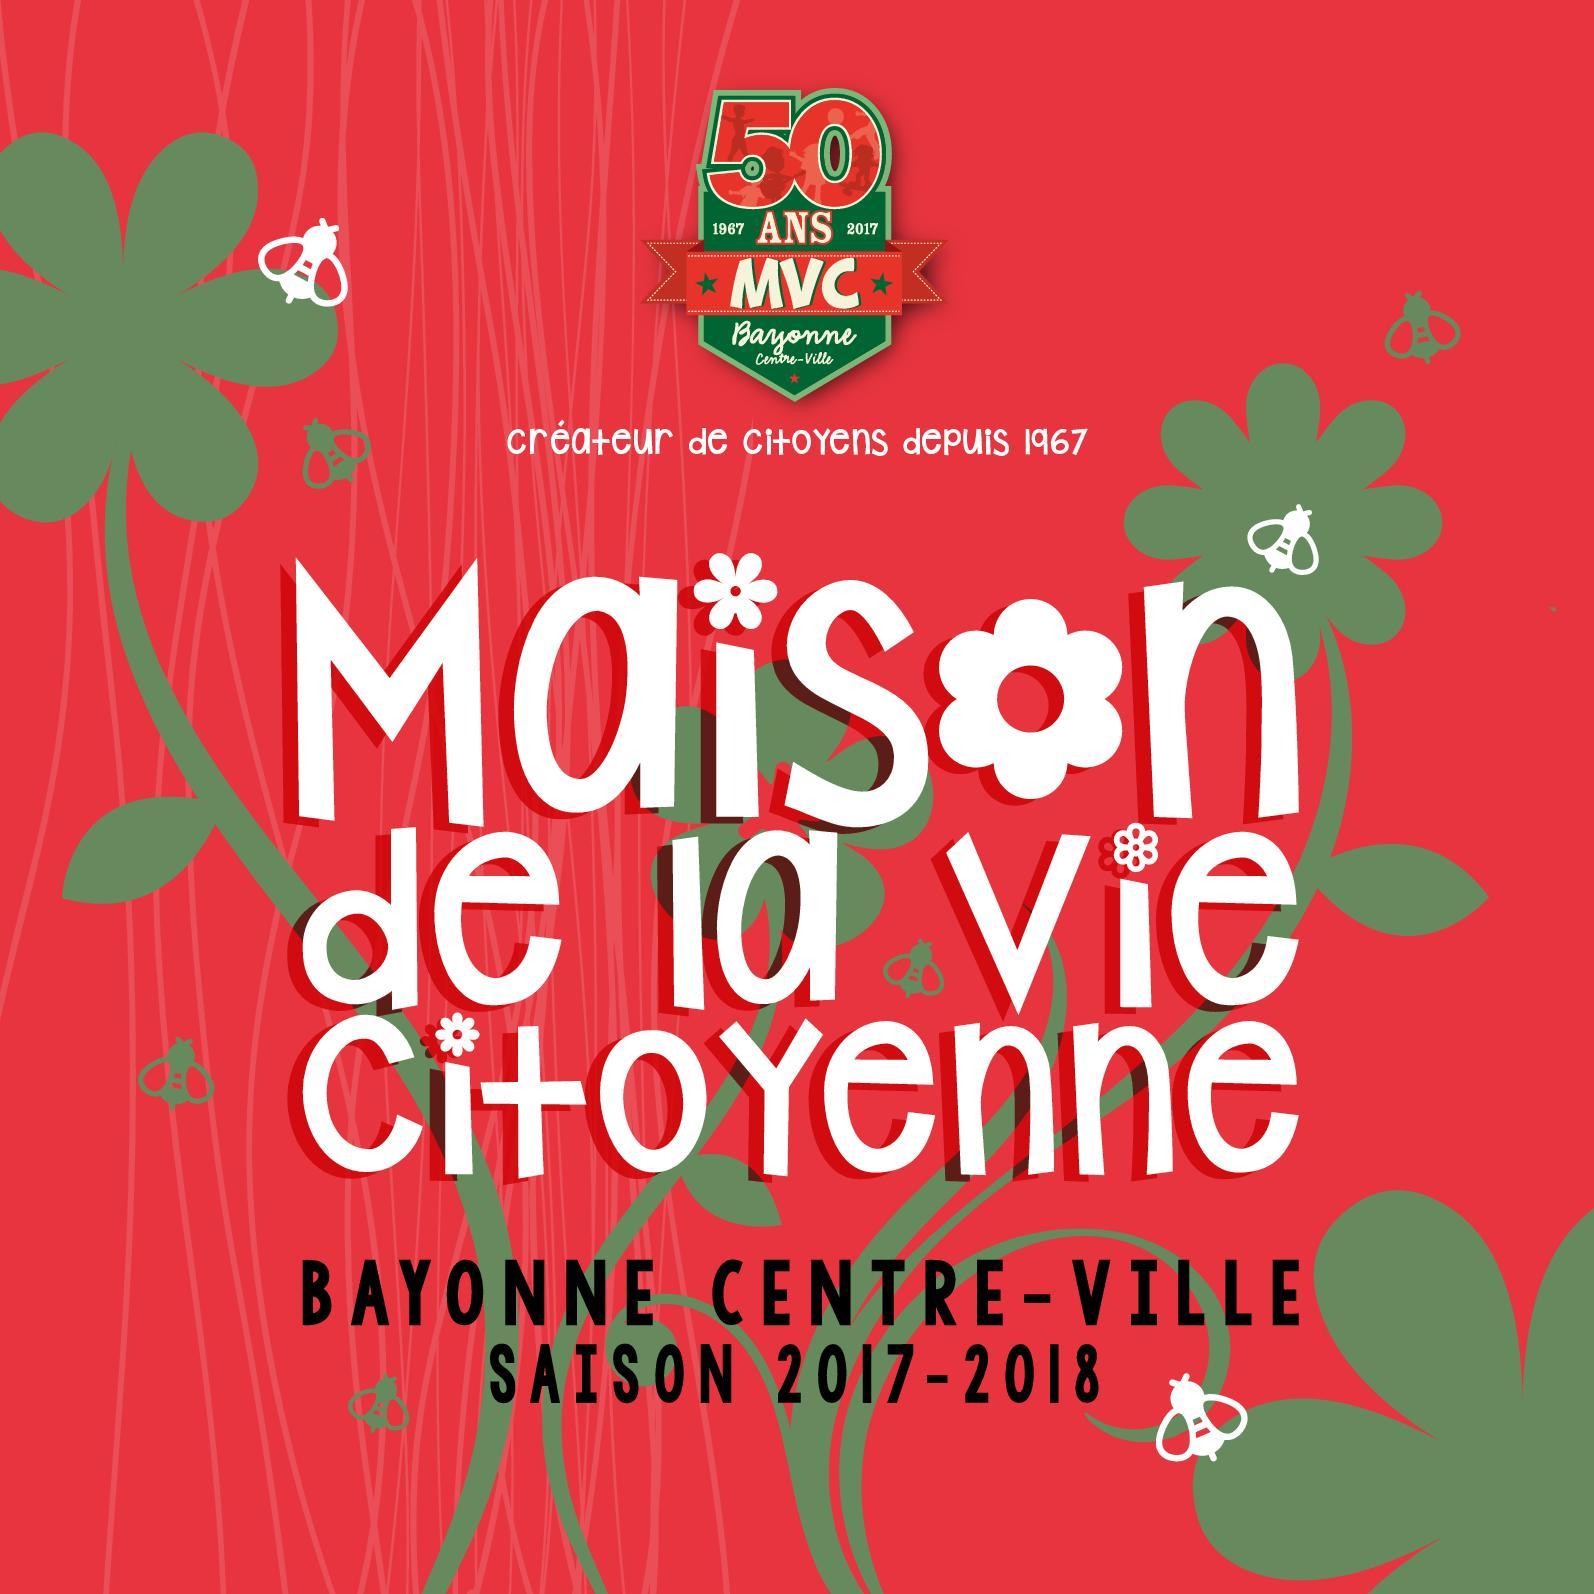 MVC site de rencontre album de rencontres Cour